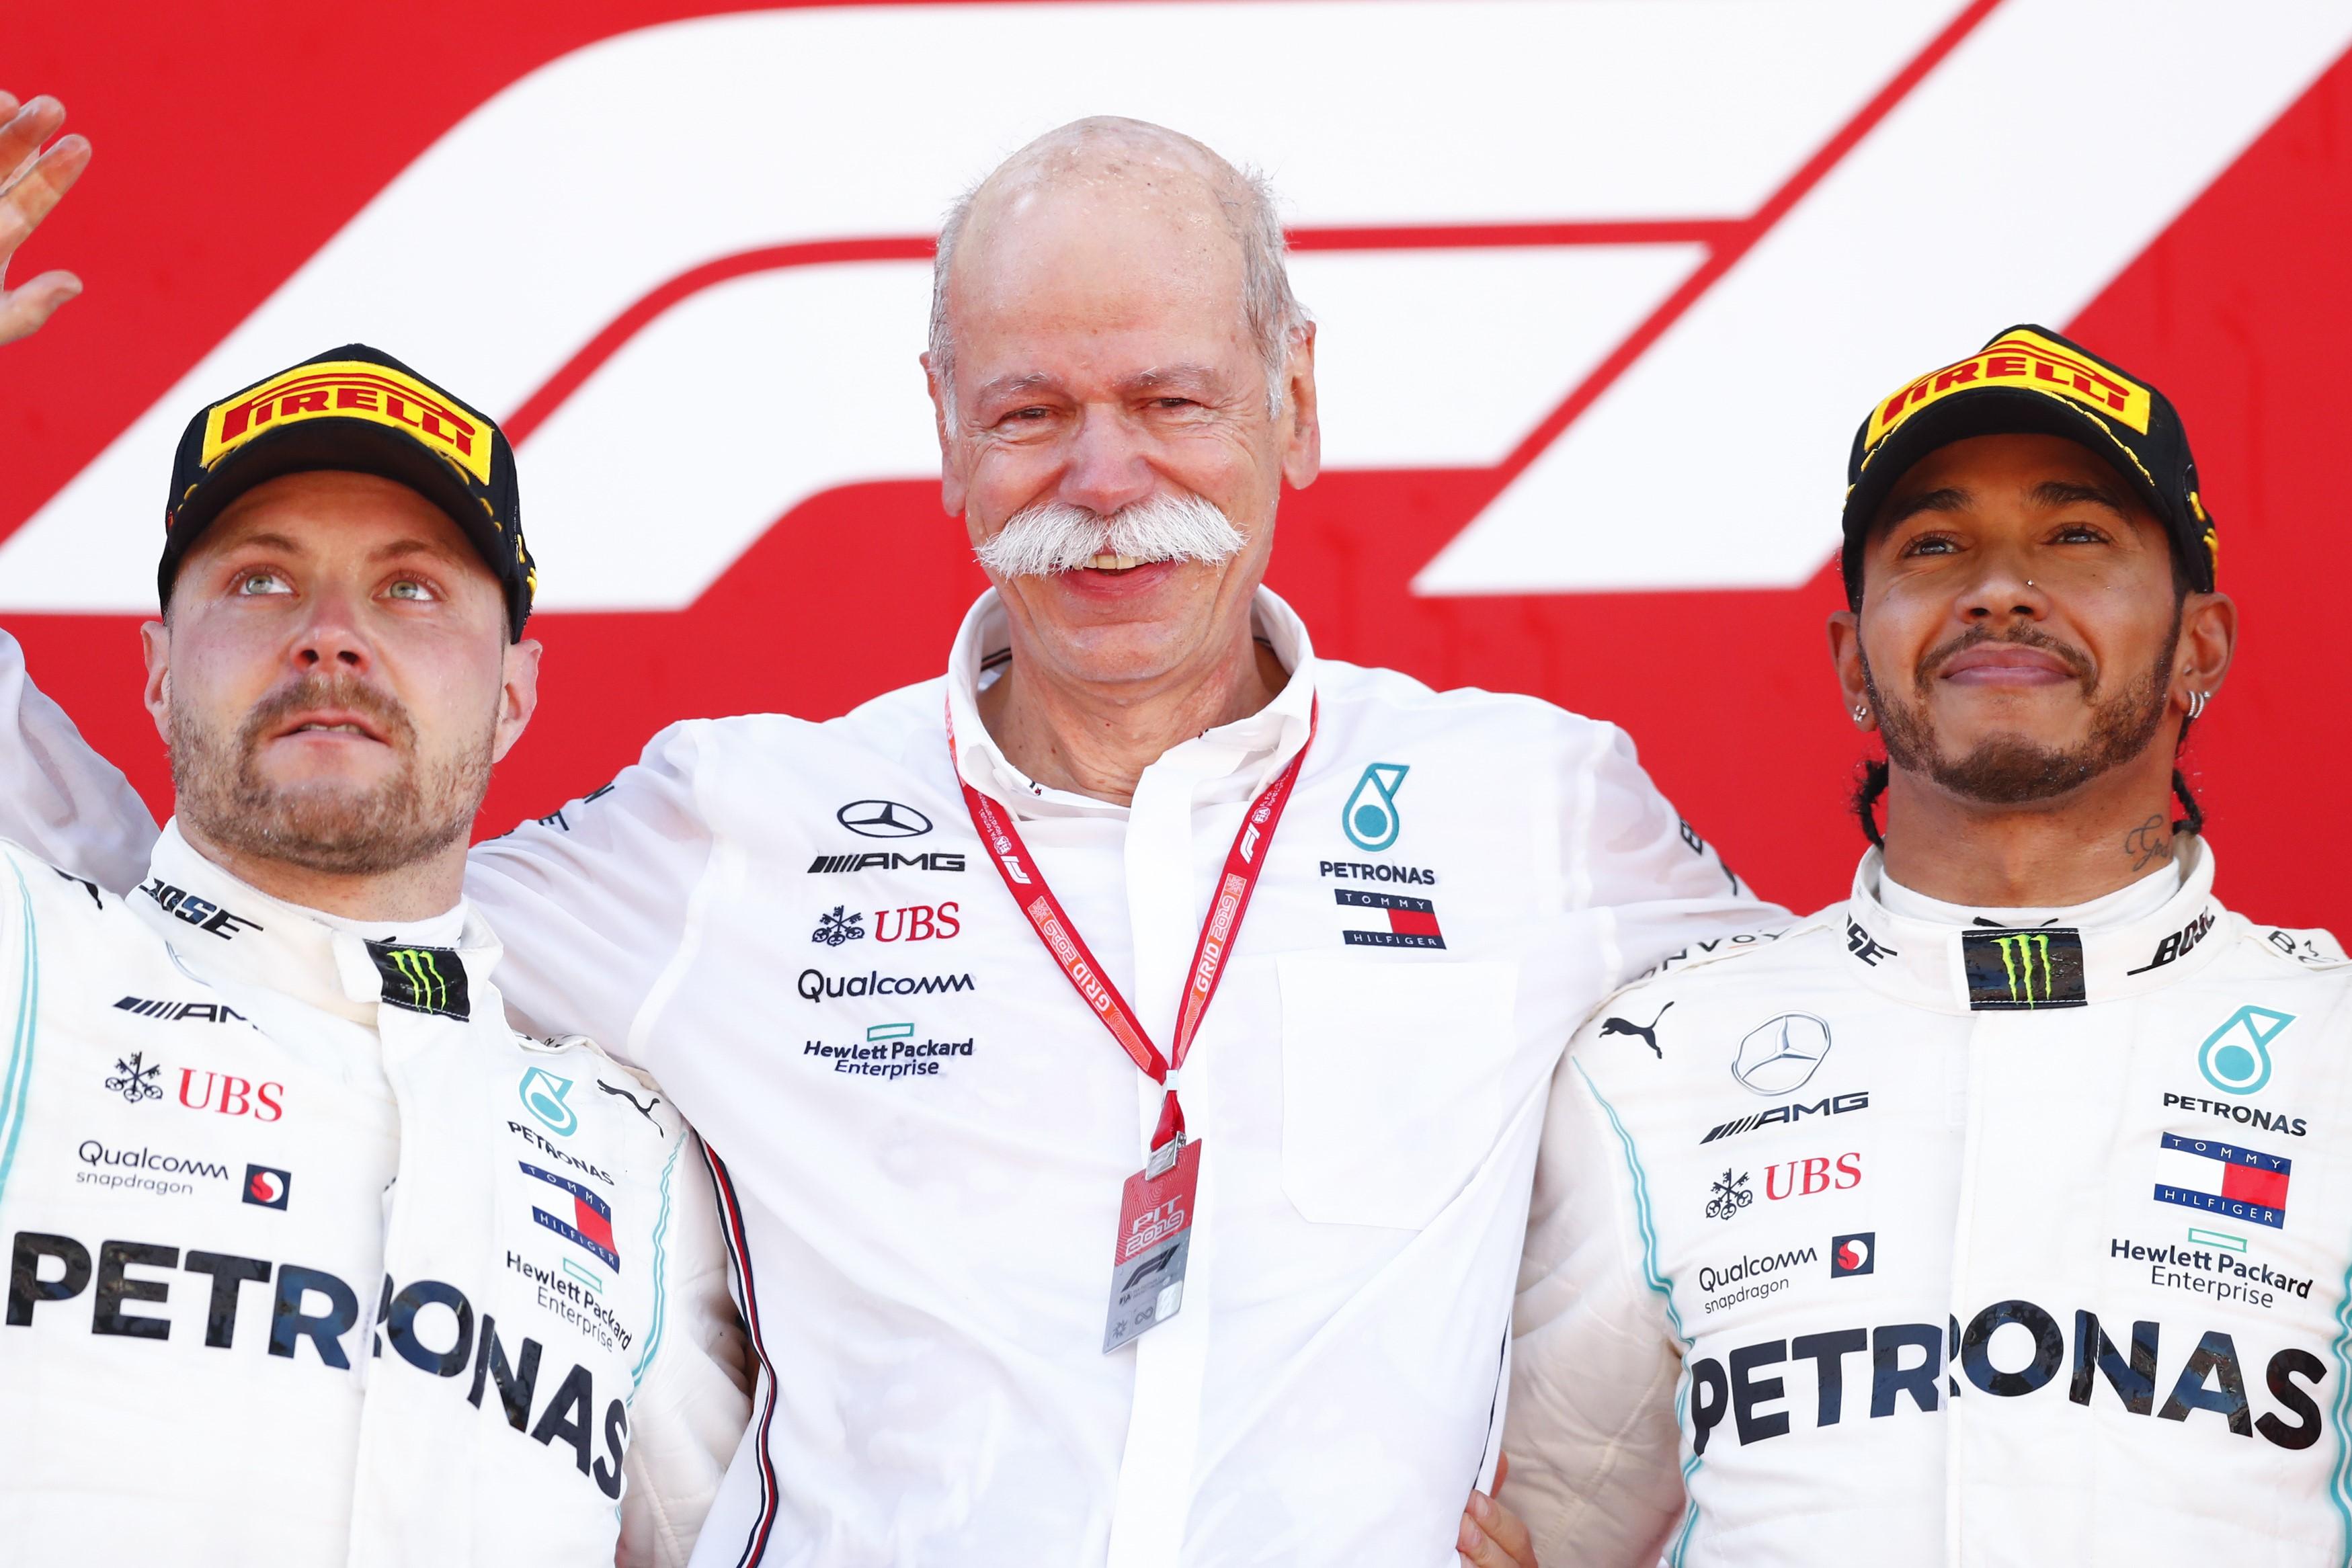 Valtteri Bottas ve Lewis Hamilton, sezonun beşinci Grand Prix'sinde de ilk iki sırayı aldılar.